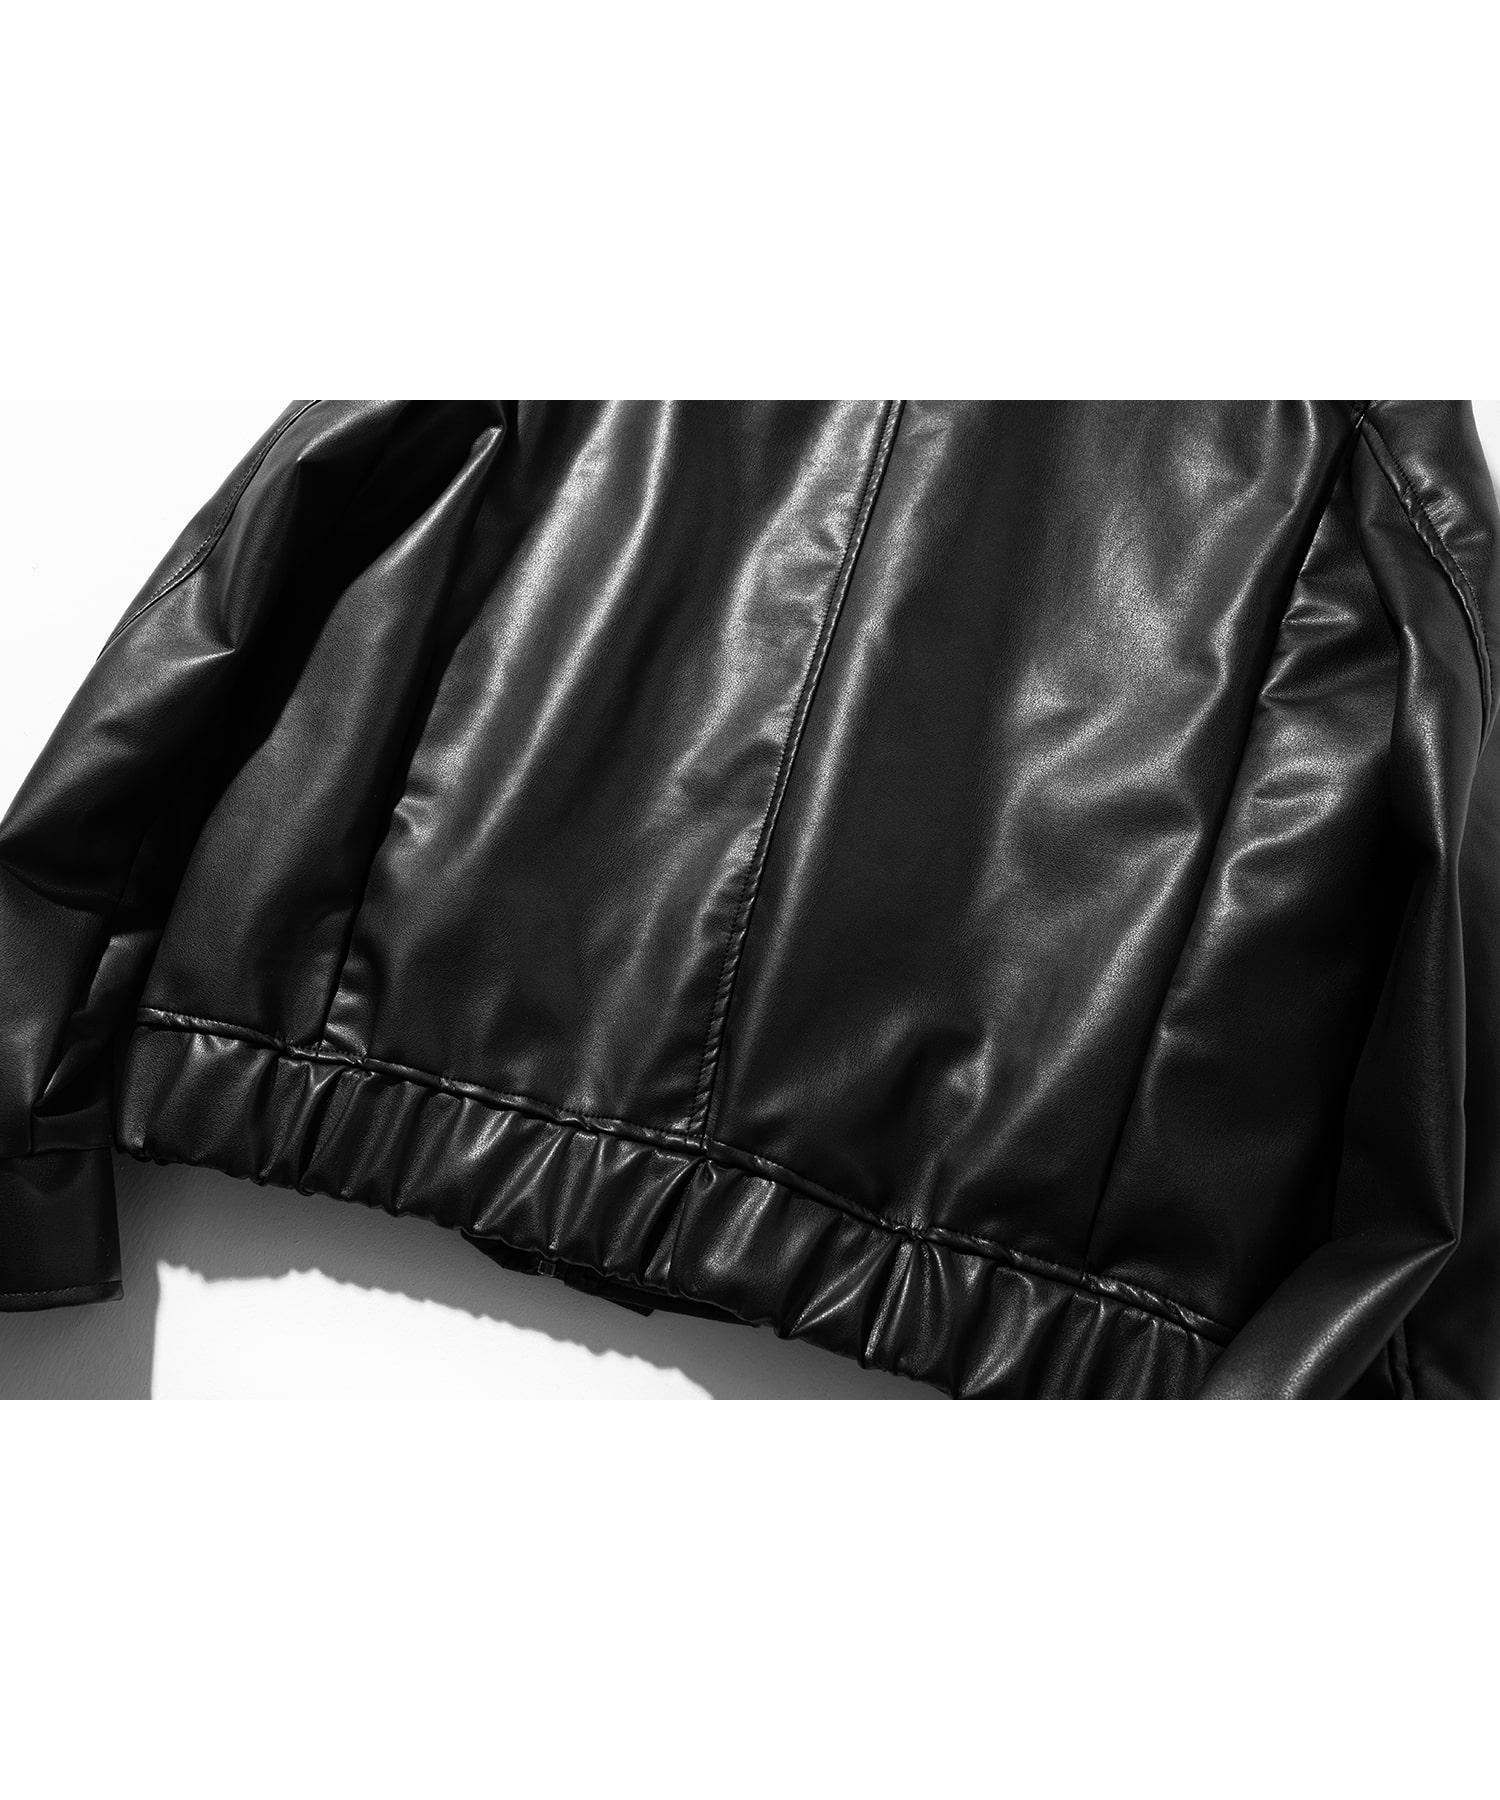 매스노운(MASSNOUN) 아티피셜 레더 자켓 MSOLJ001-BK